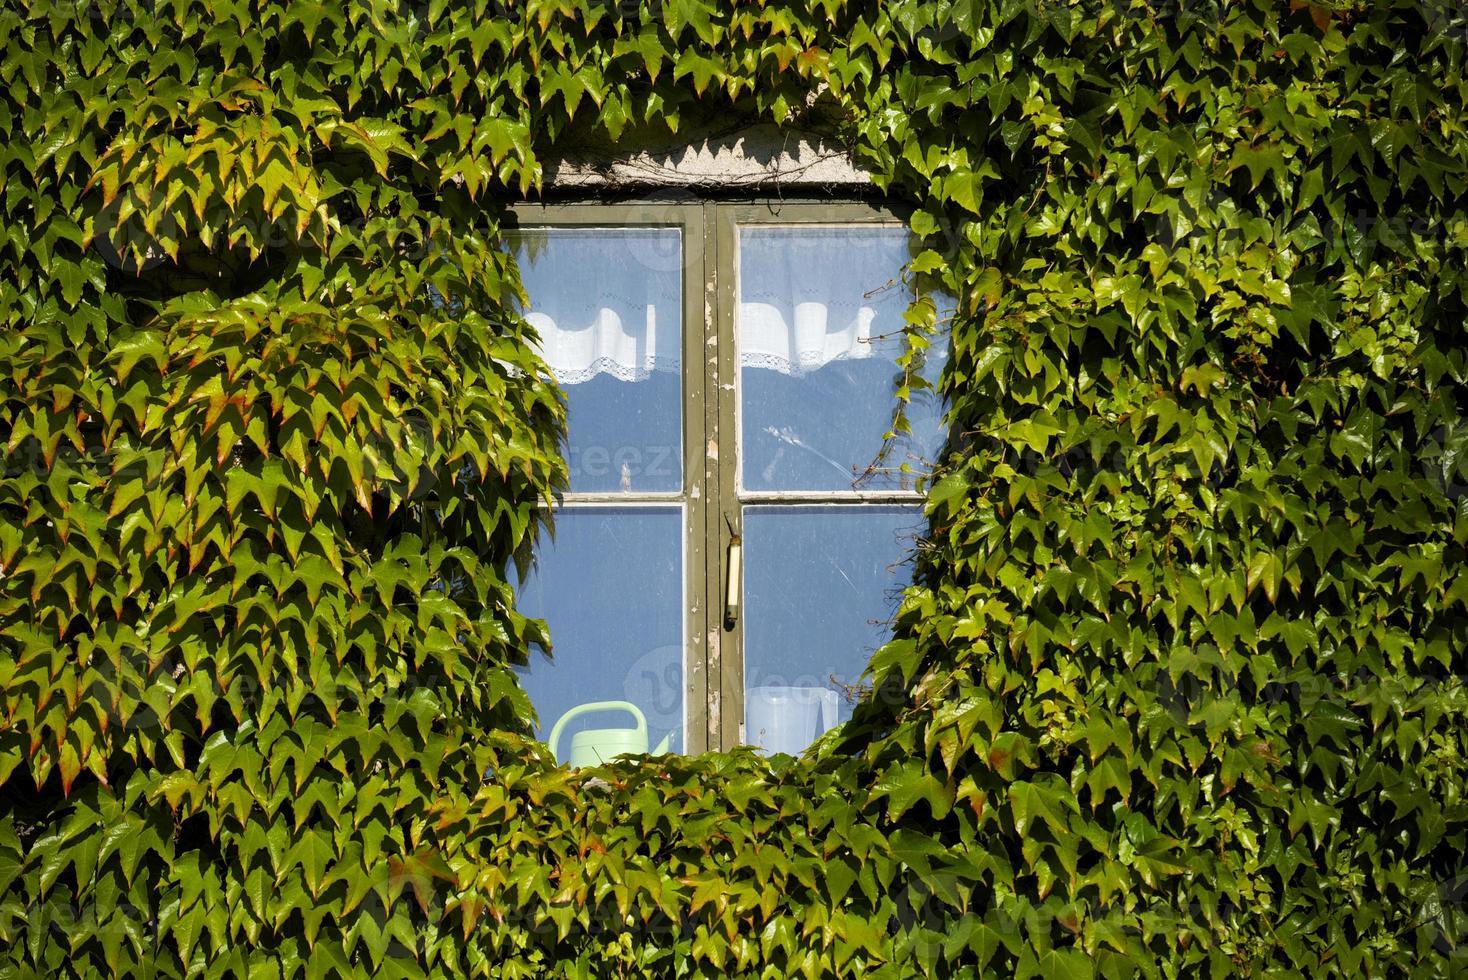 mur et fenêtre couverts de lierre photo